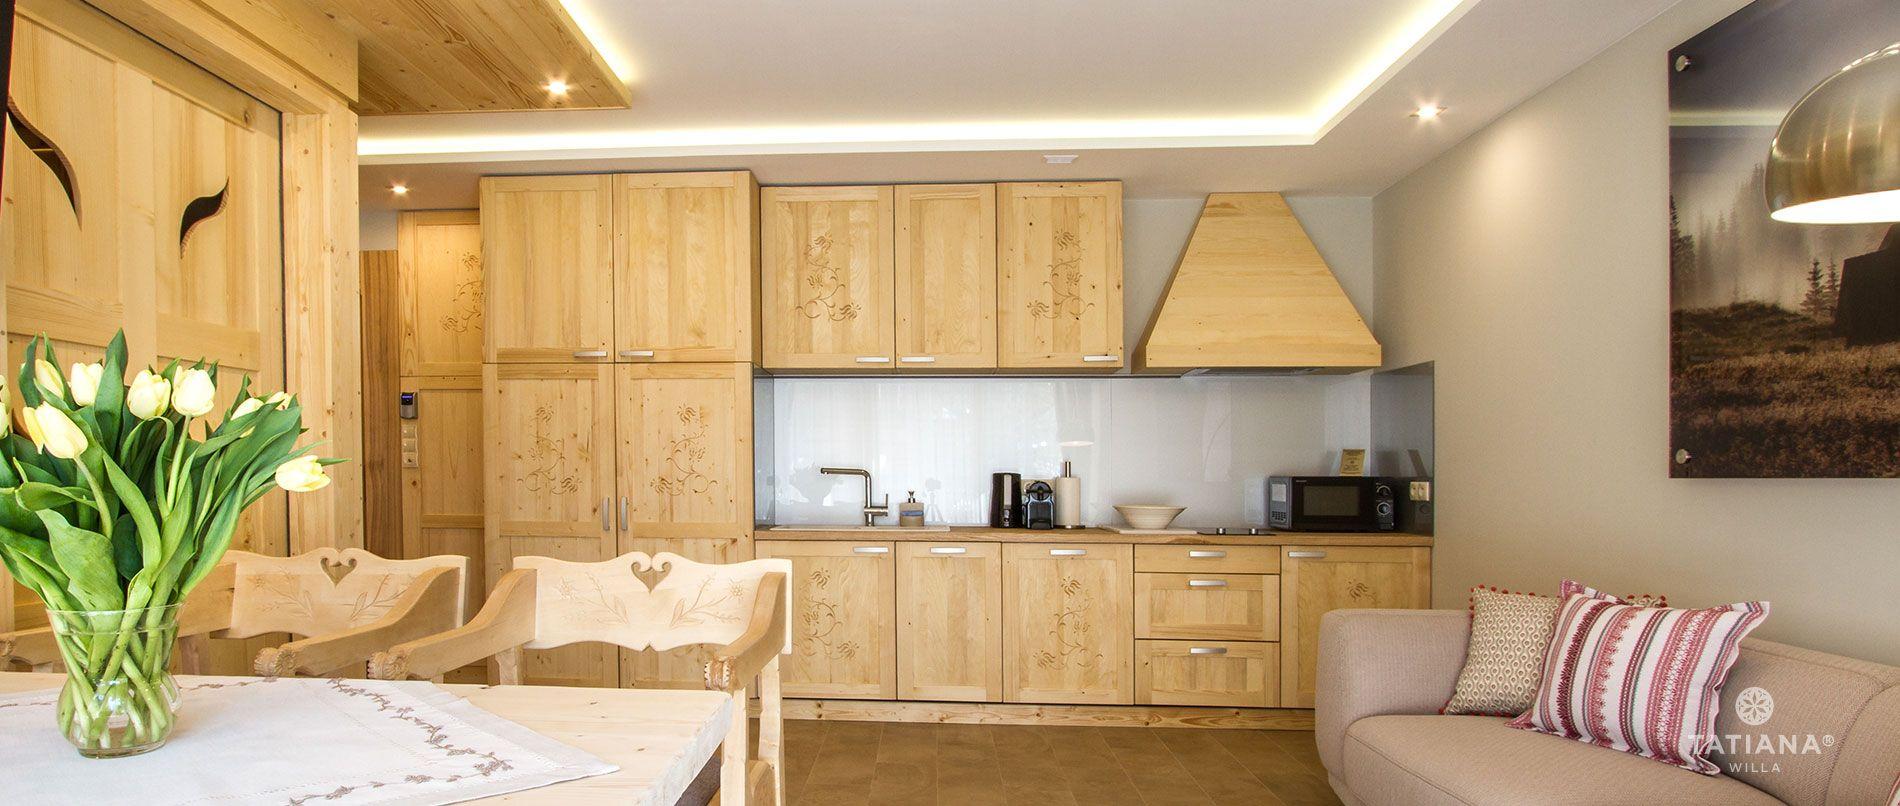 Apartament Sosnowy- aneks kuchenny